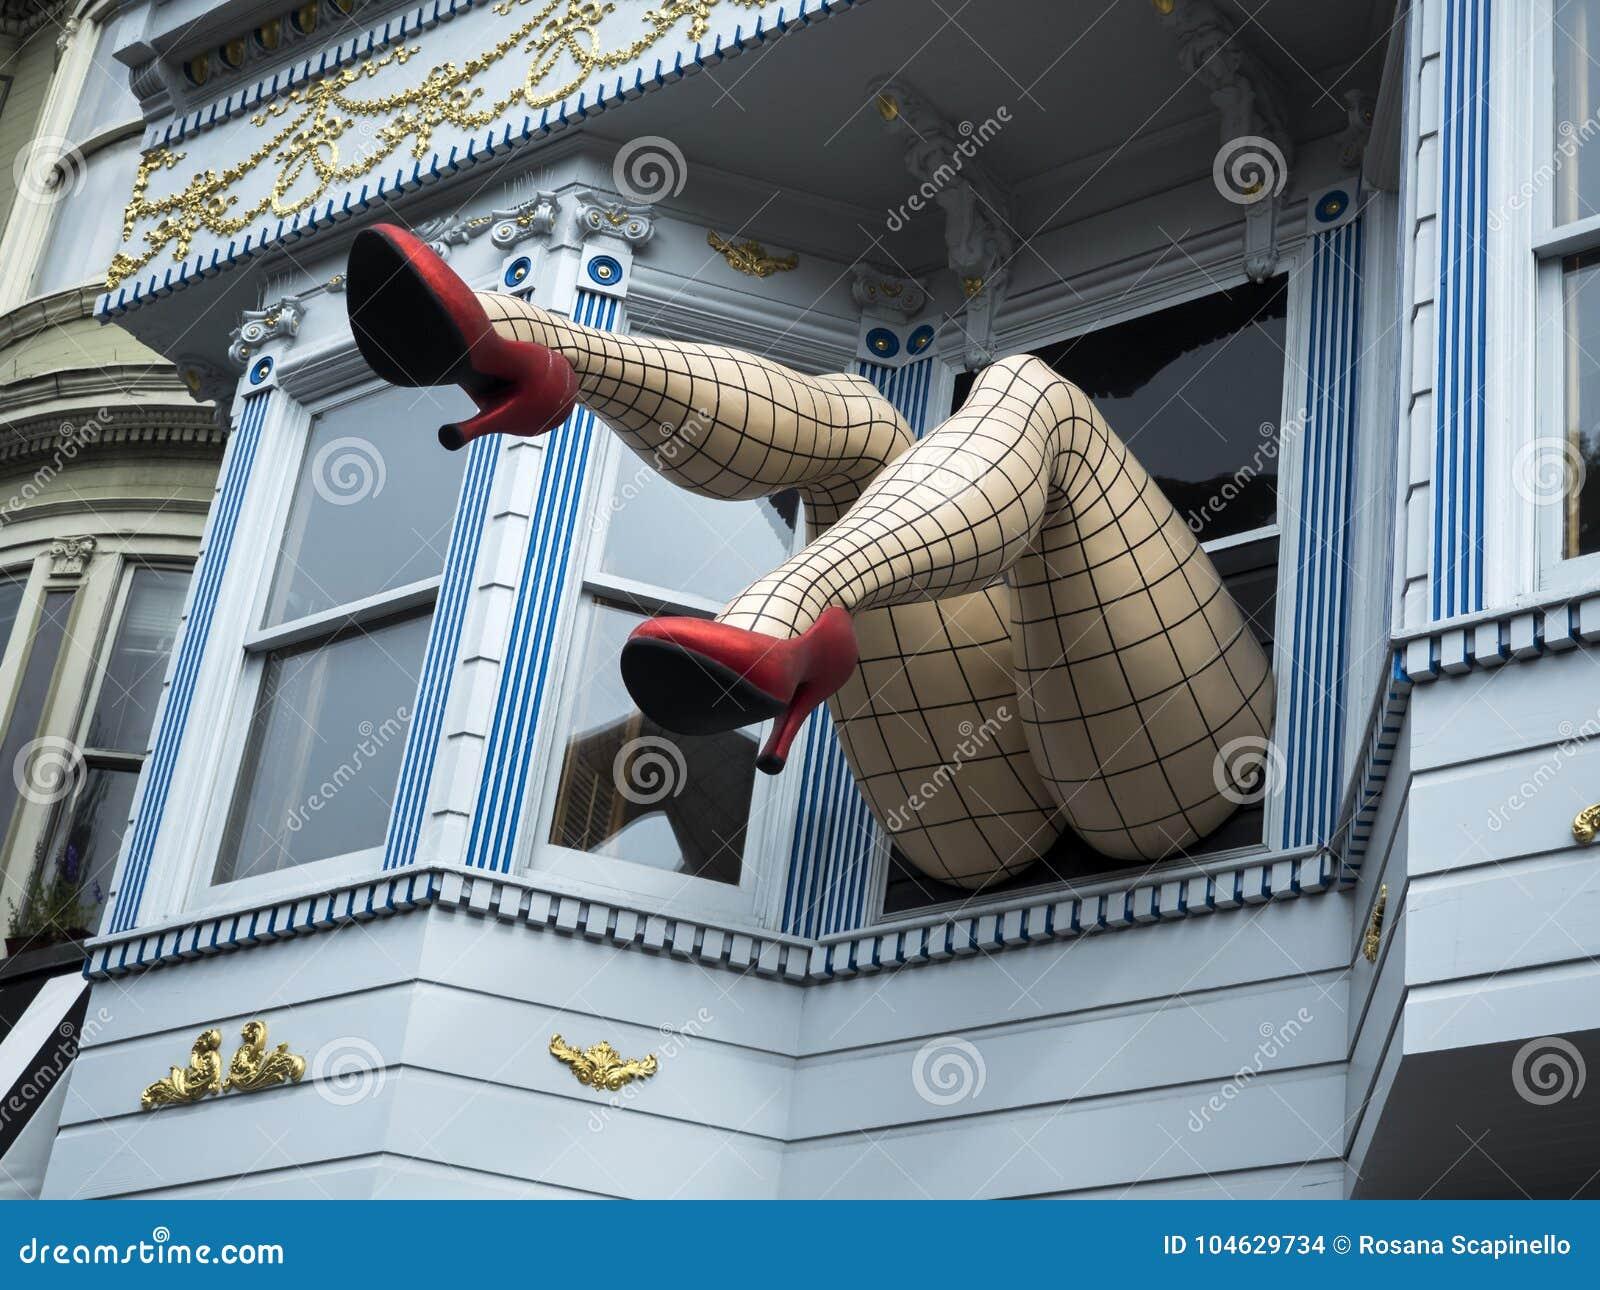 Download Haight-Ashbury, Grappige Vrouwelijke Benen Met Legging En Rode Hielen Door Venster In Een Blauw Huis - San Francisco, Californië, Redactionele Stock Afbeelding - Afbeelding bestaande uit verbinding, wijfje: 104629734